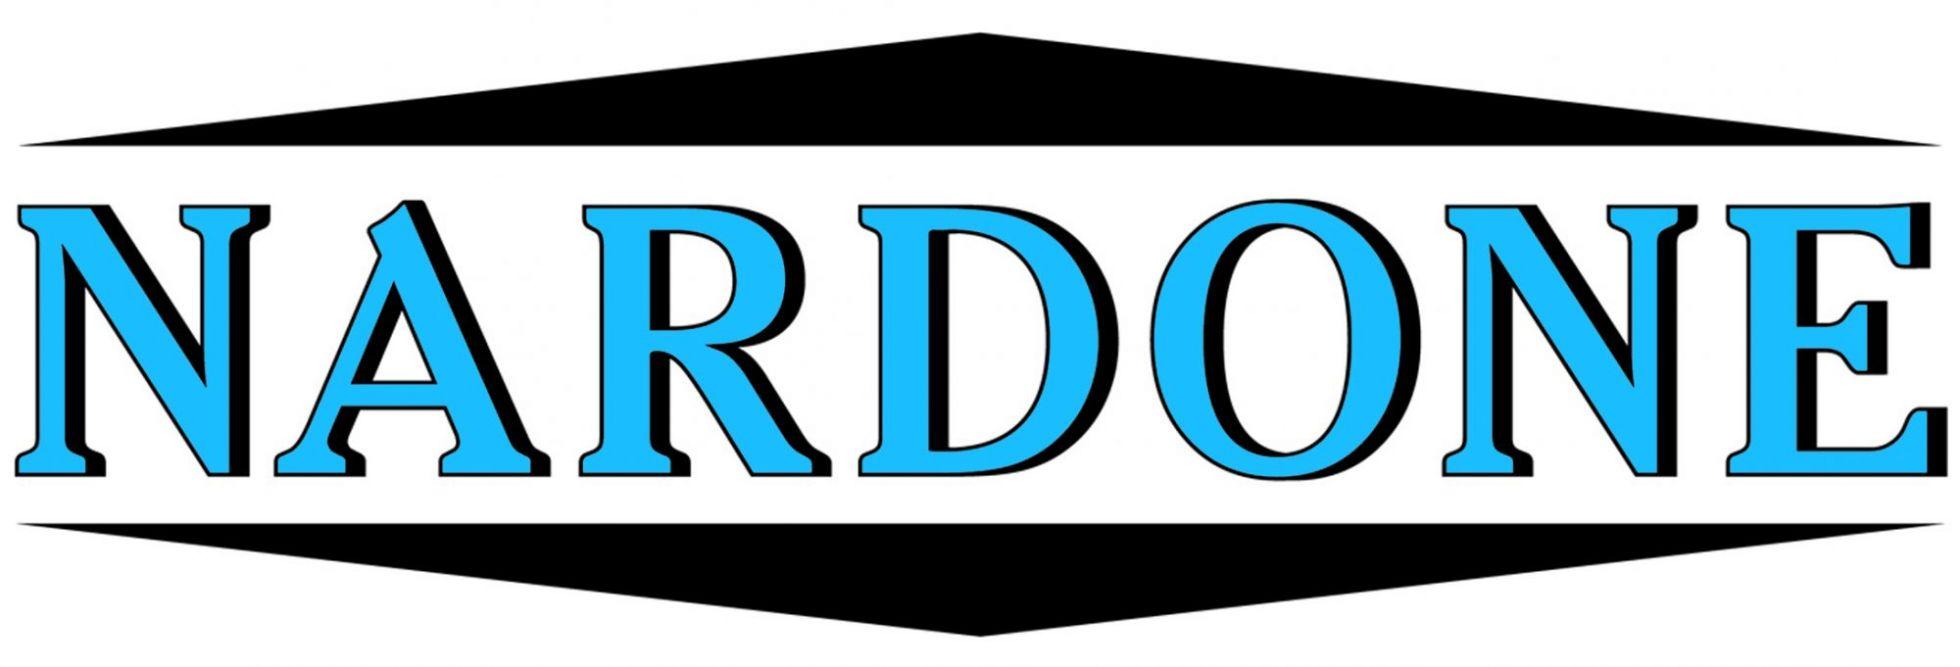 CleanDevil Reinigungsfirma für Nardone